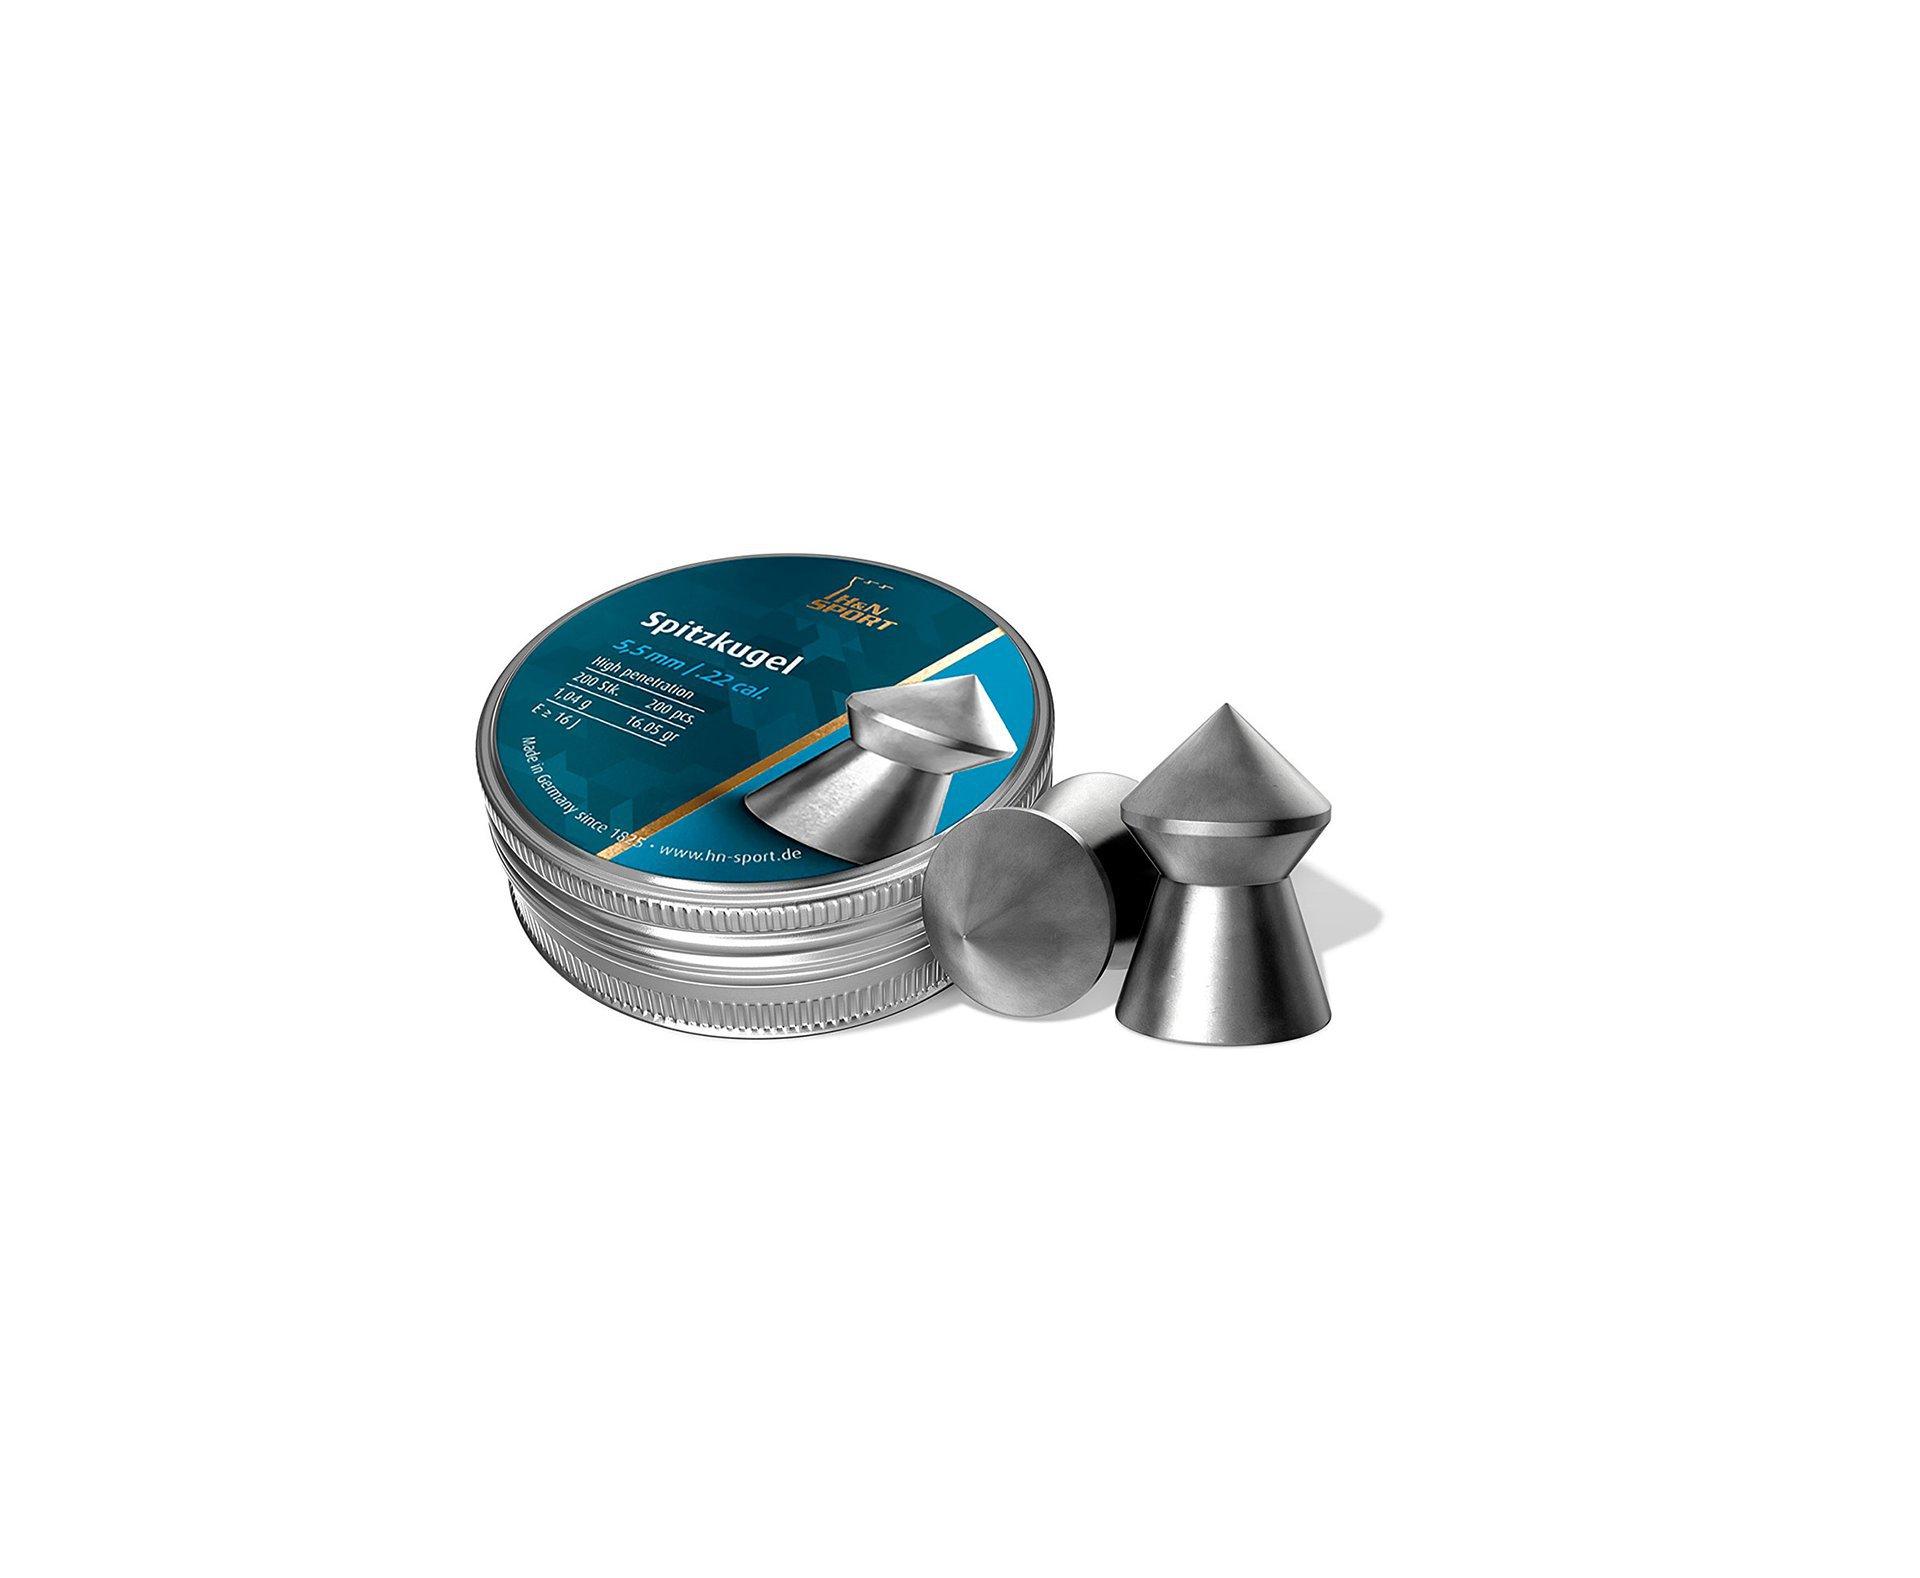 Chumbinho H&n Spitzkugel 5,5mm 200uni Alta Precisão E Penetração